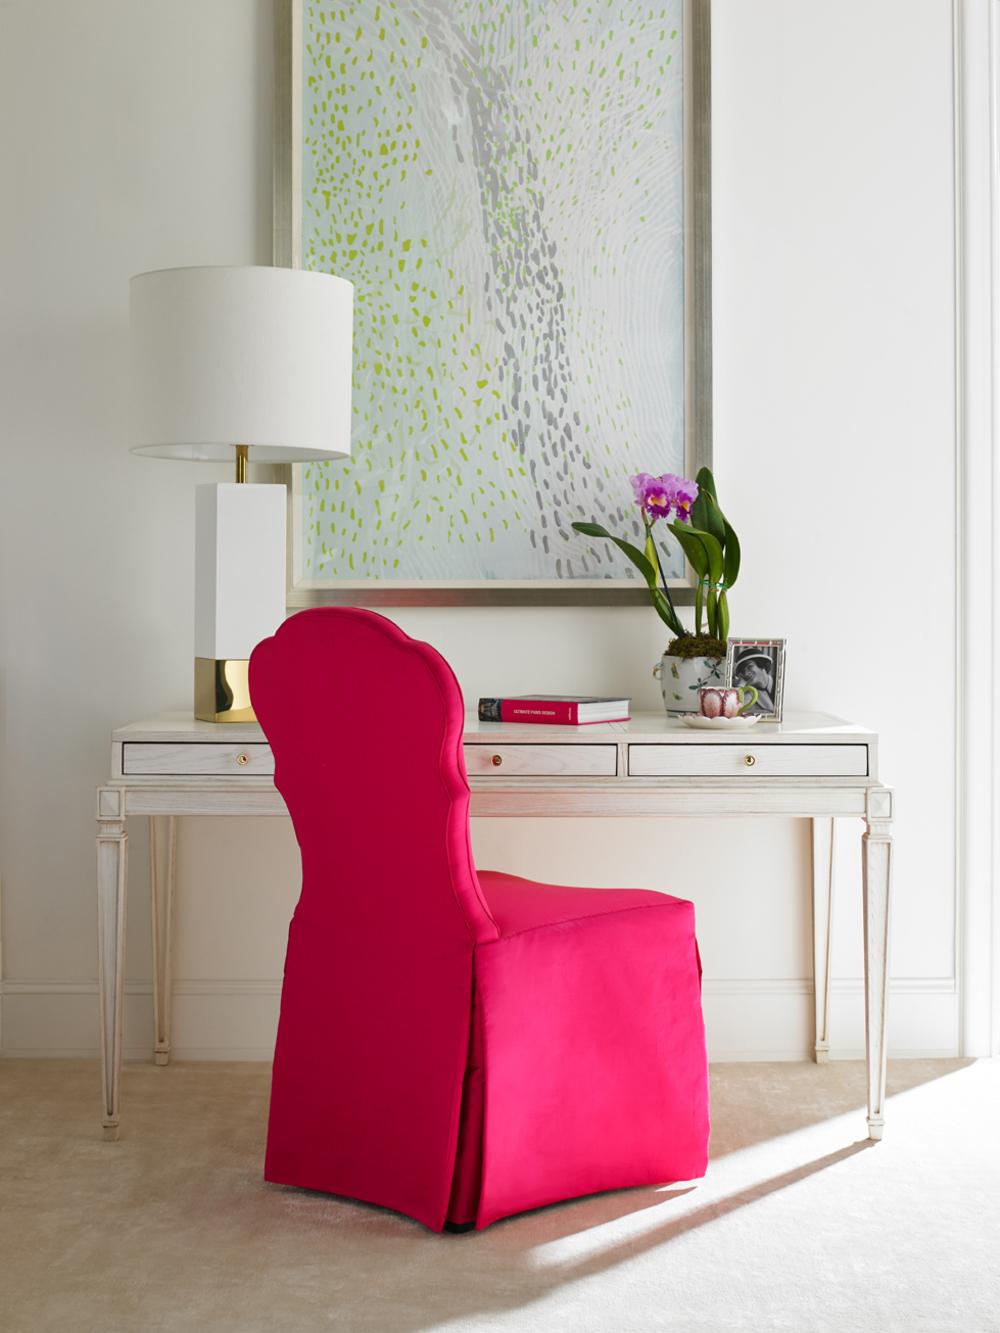 Lillian August Fine Furniture - Arden Court Chair